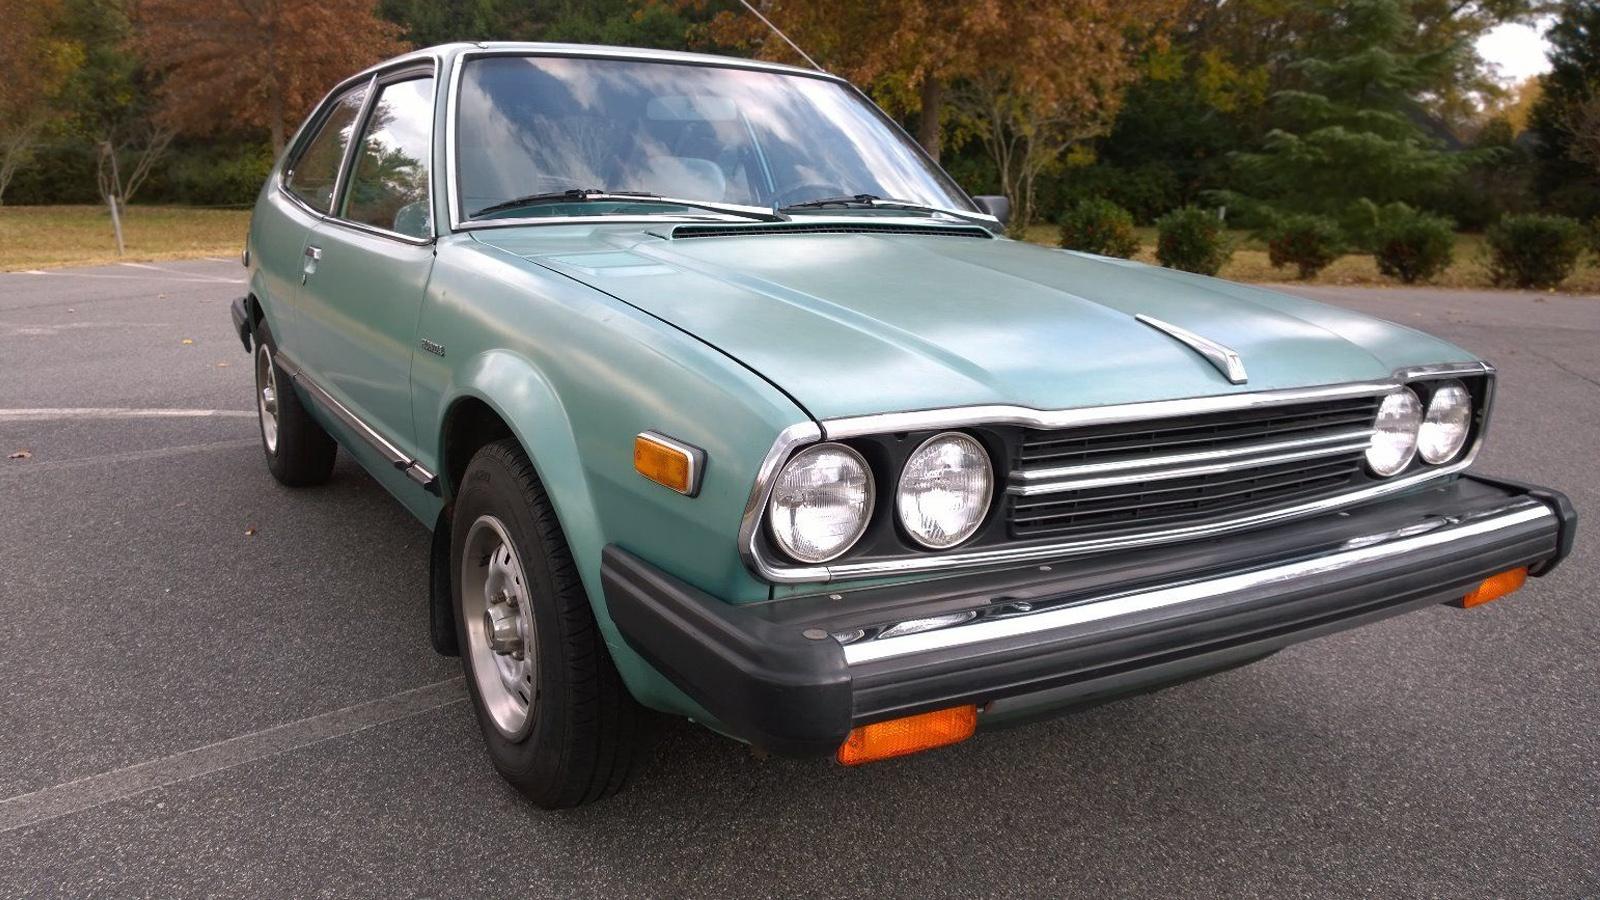 Kelebihan Kekurangan Honda Accord 1982 Spesifikasi